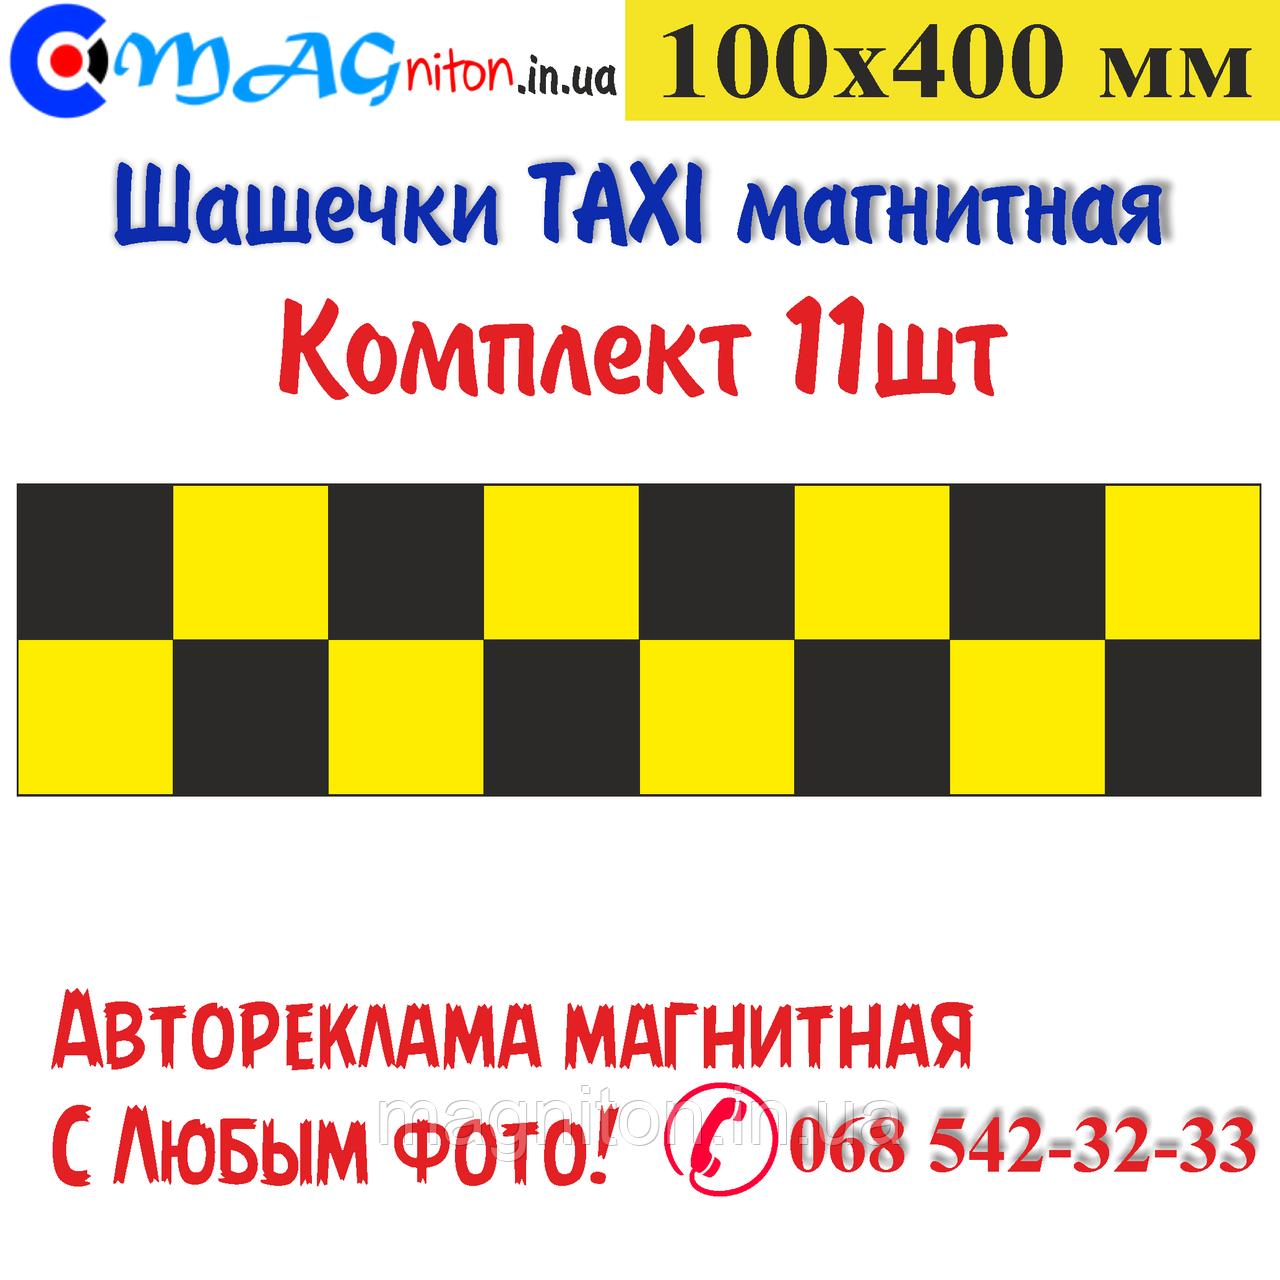 Шашечки Таксі магнітна 100х400мм. Комплект 11шт